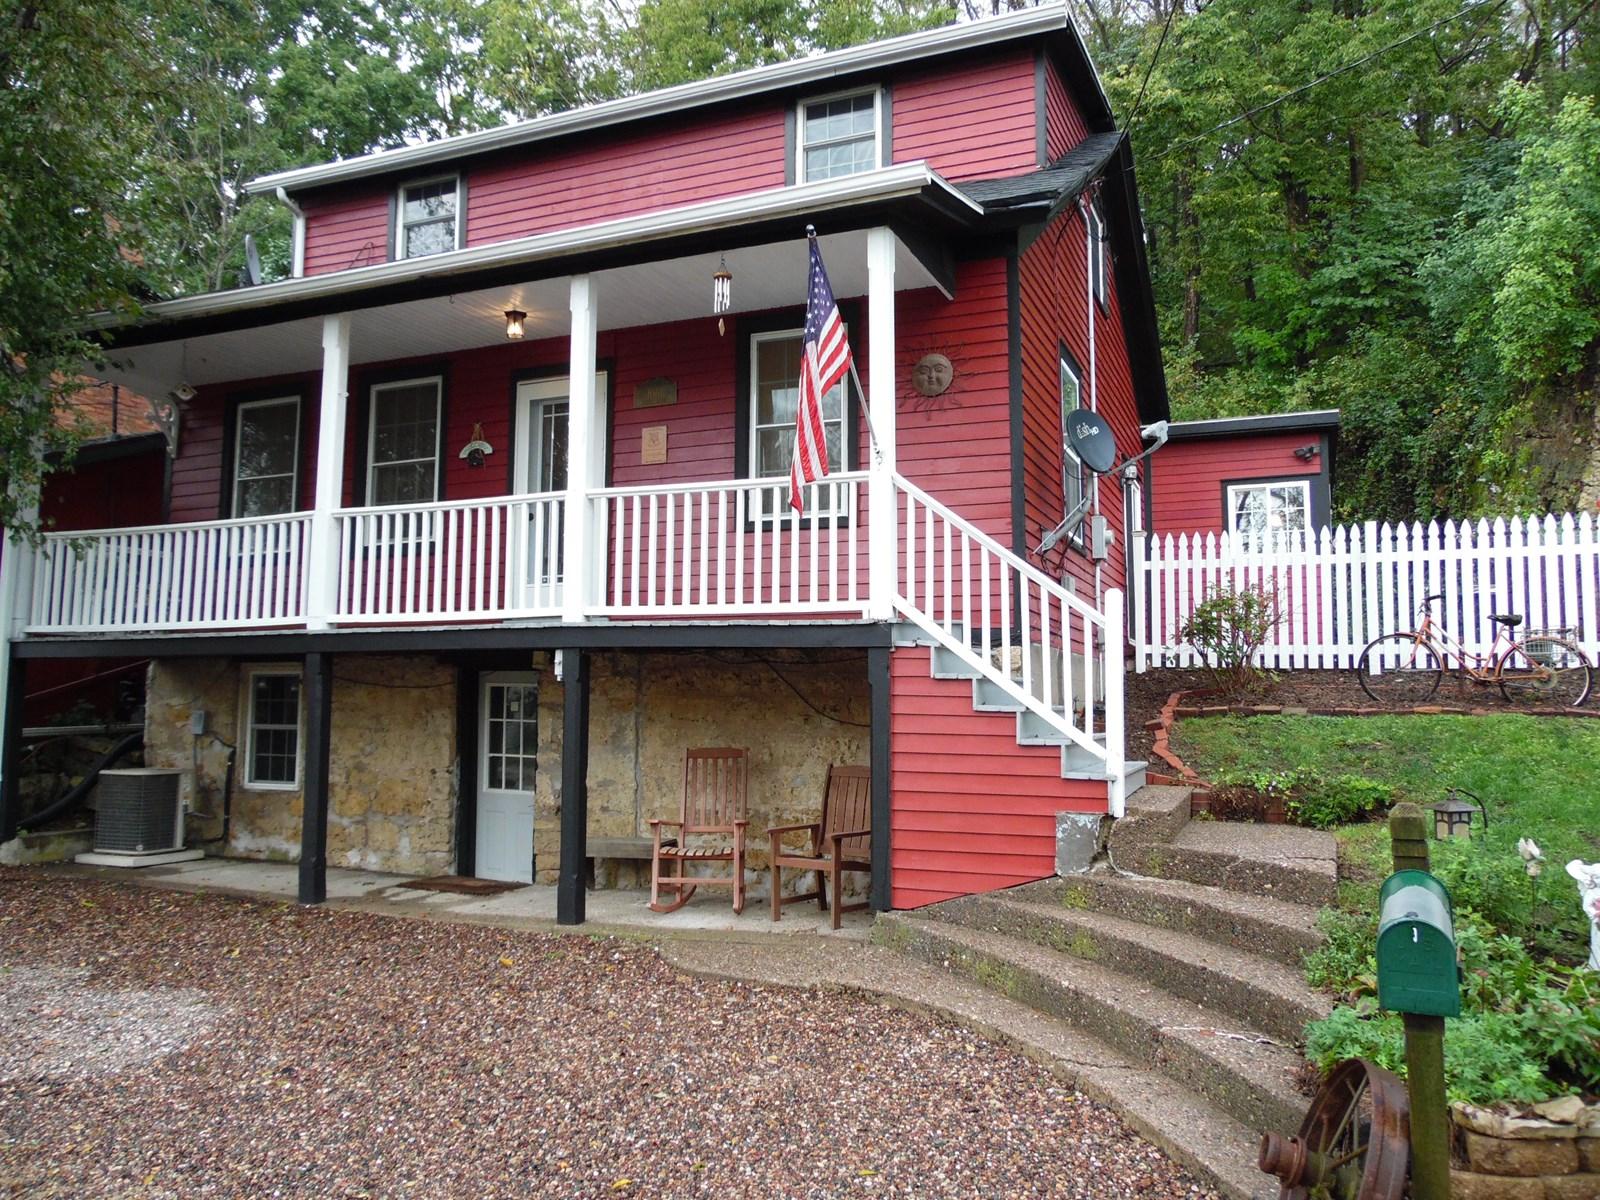 Historic Galena, IL Home with Garage